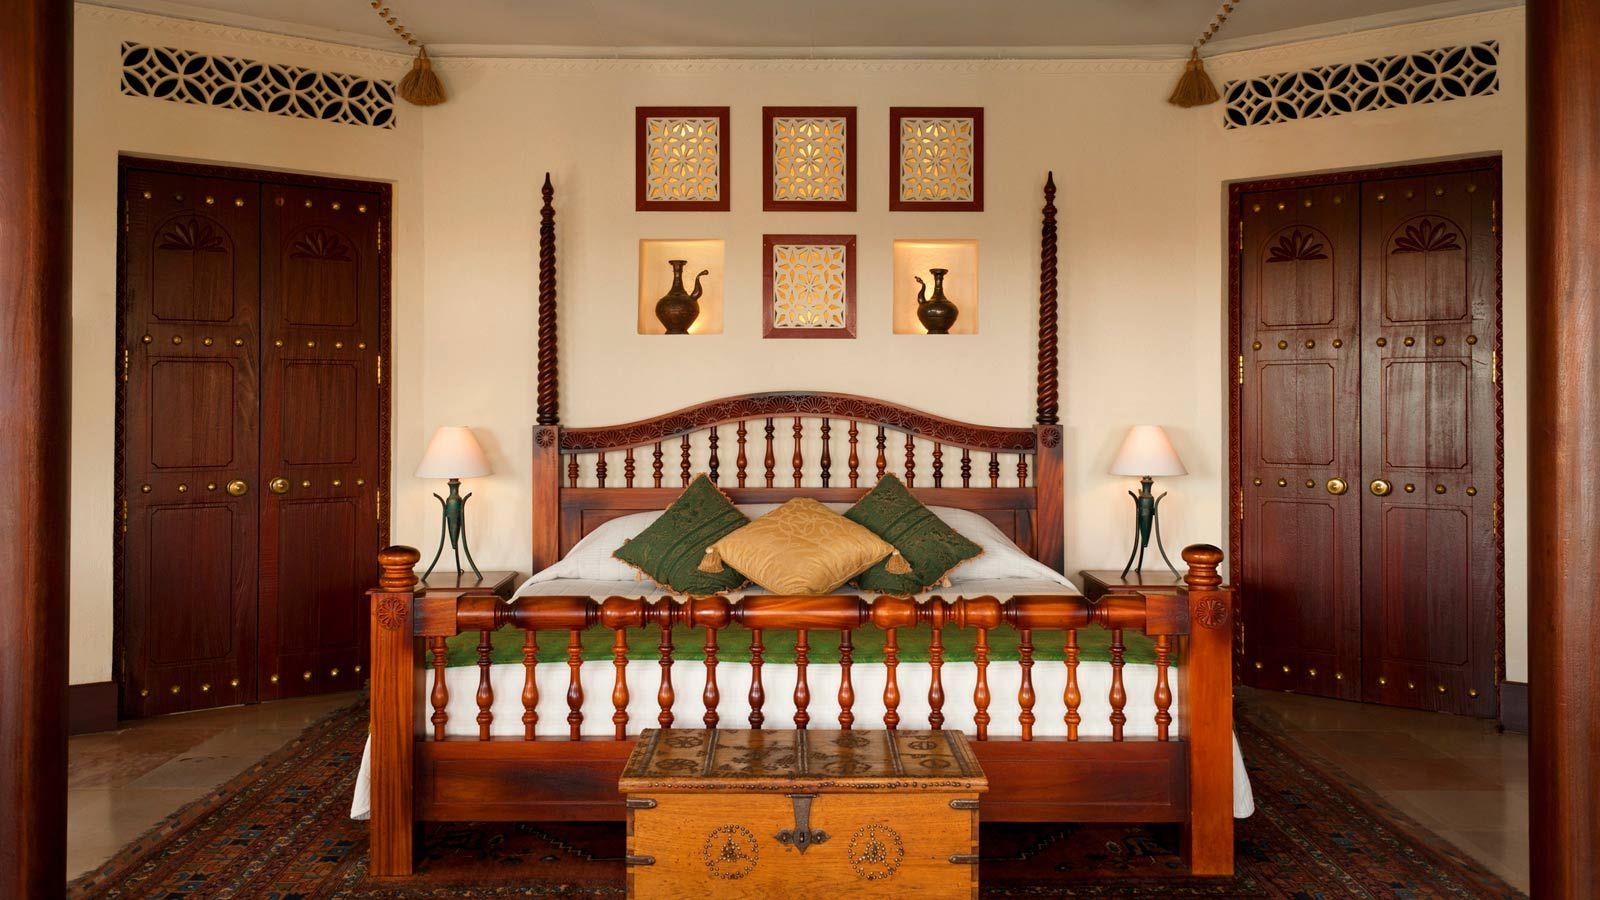 I resort di lusso a Dubai: lusso sfrenato http://bit.ly/1FCE41A #hotel #luxury #spa #resort